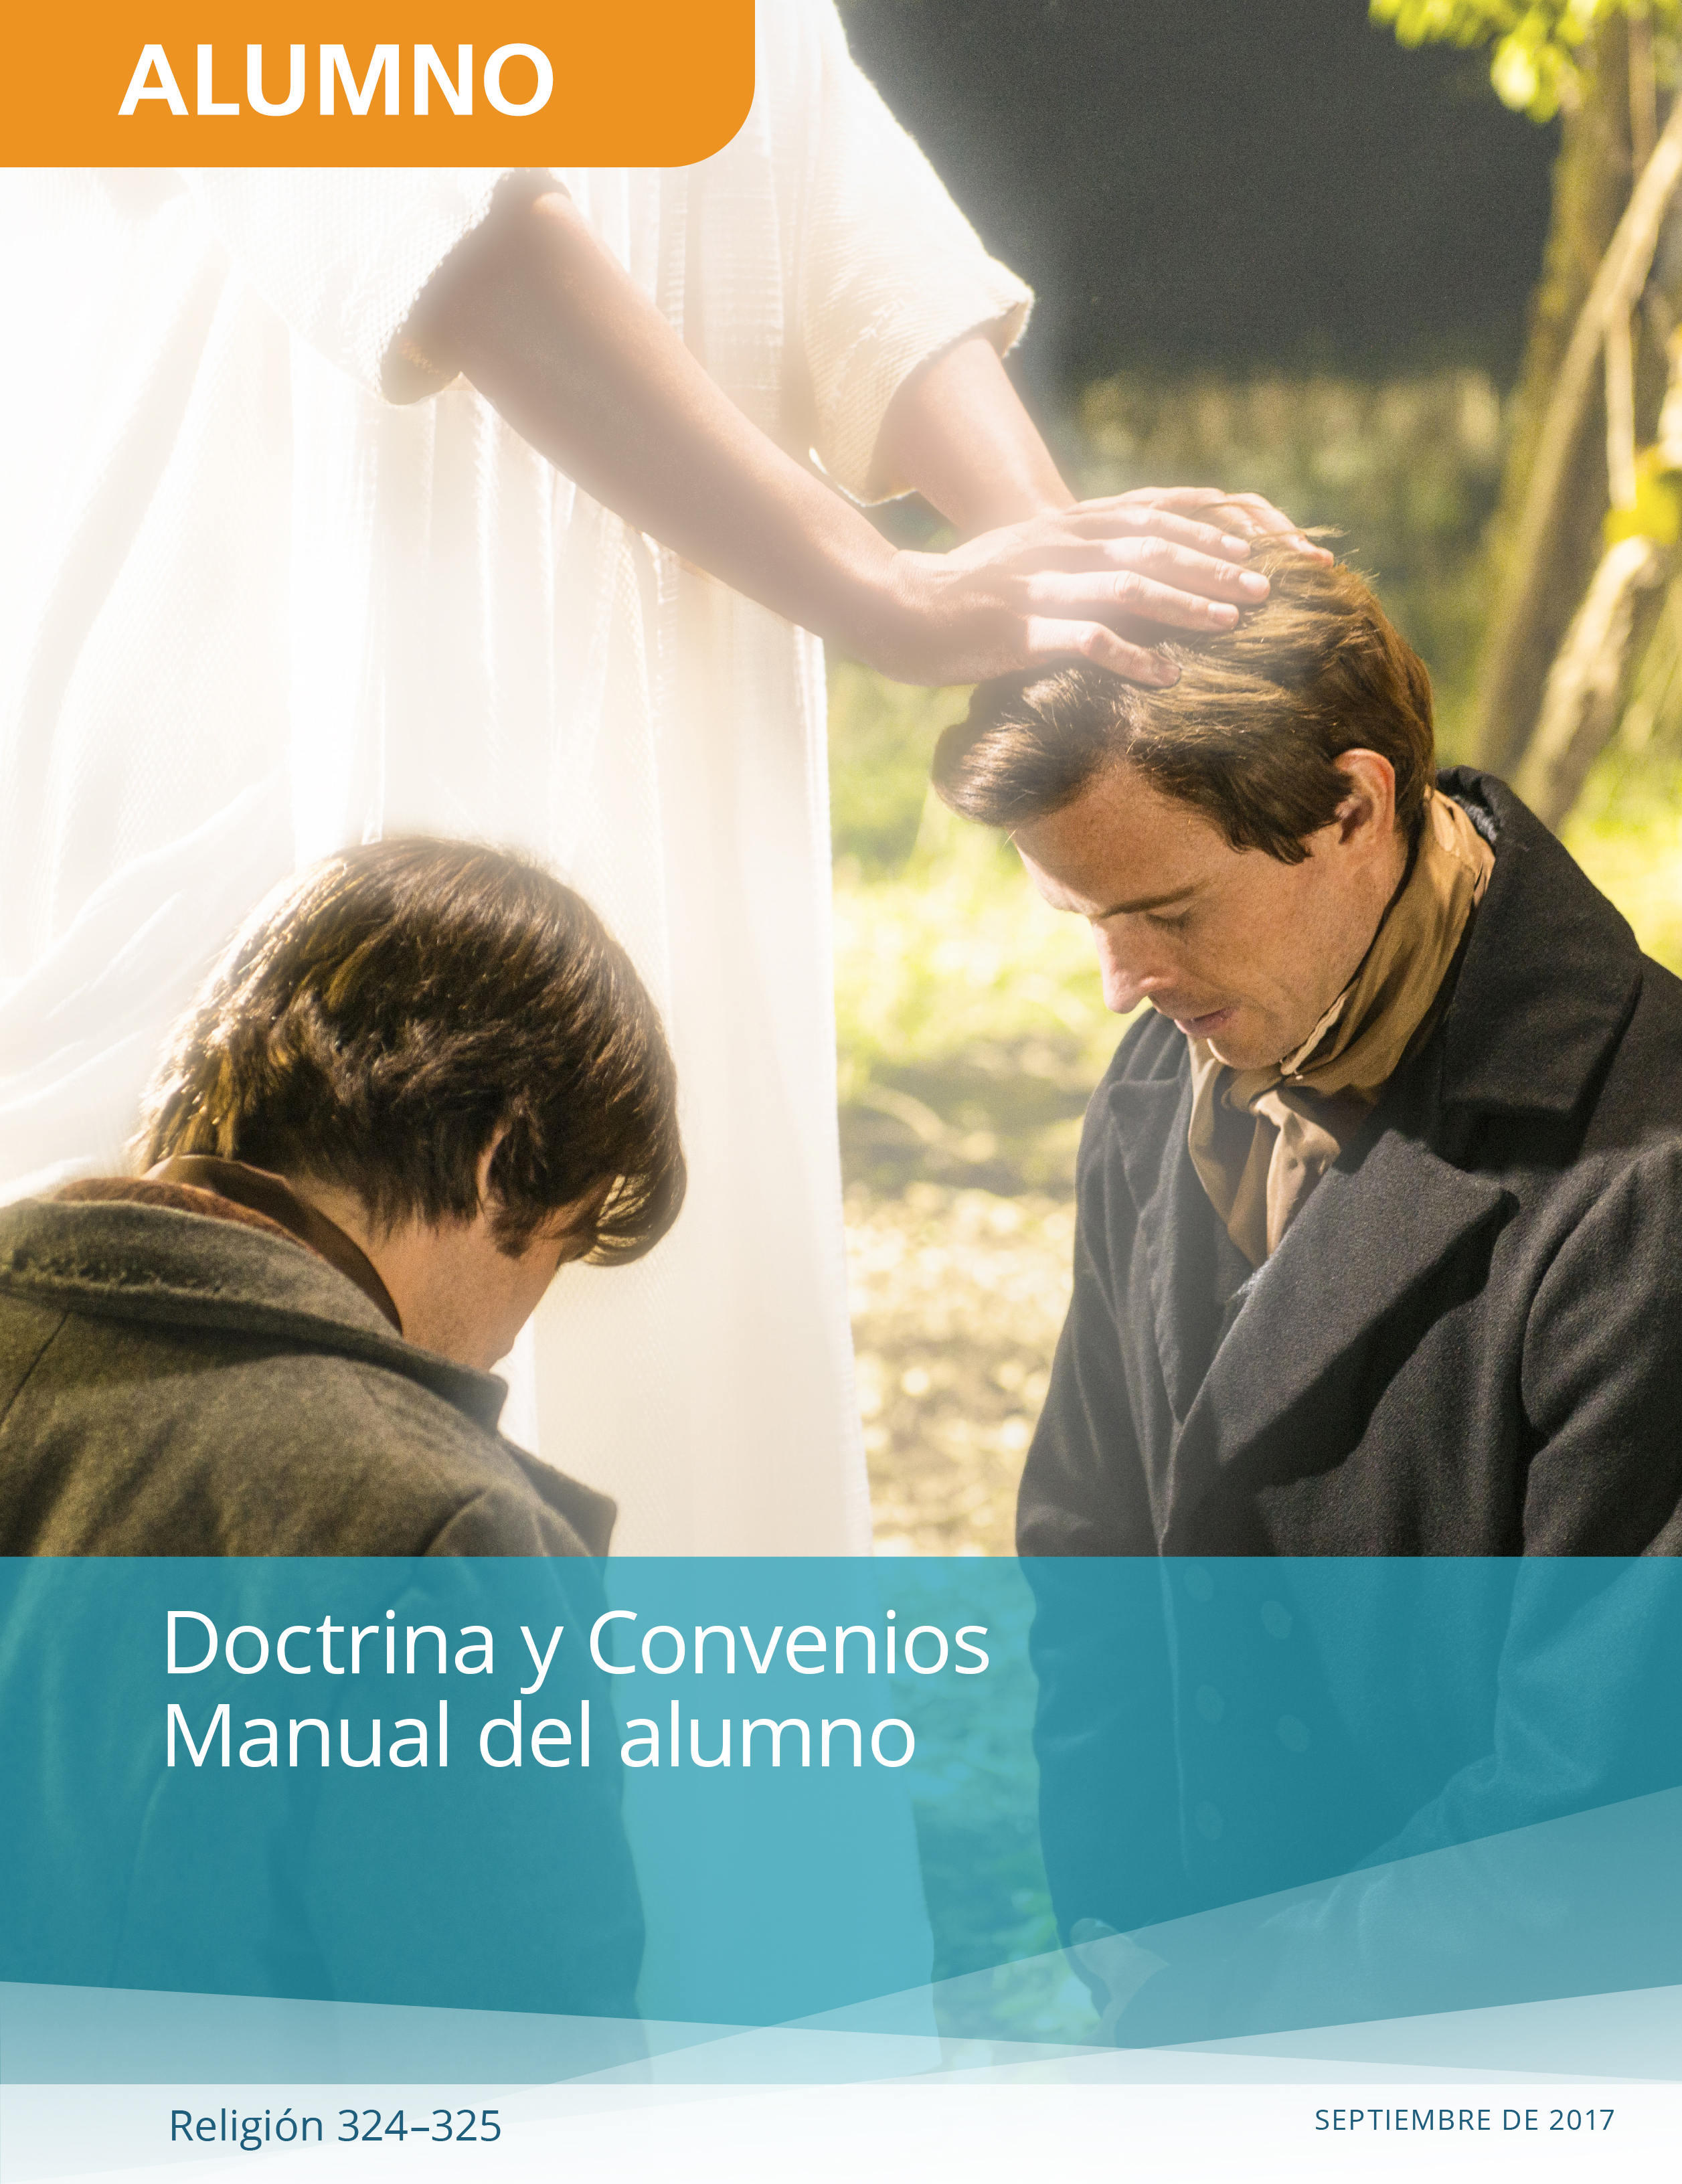 Doctrina y Convenios: Manual del alumno